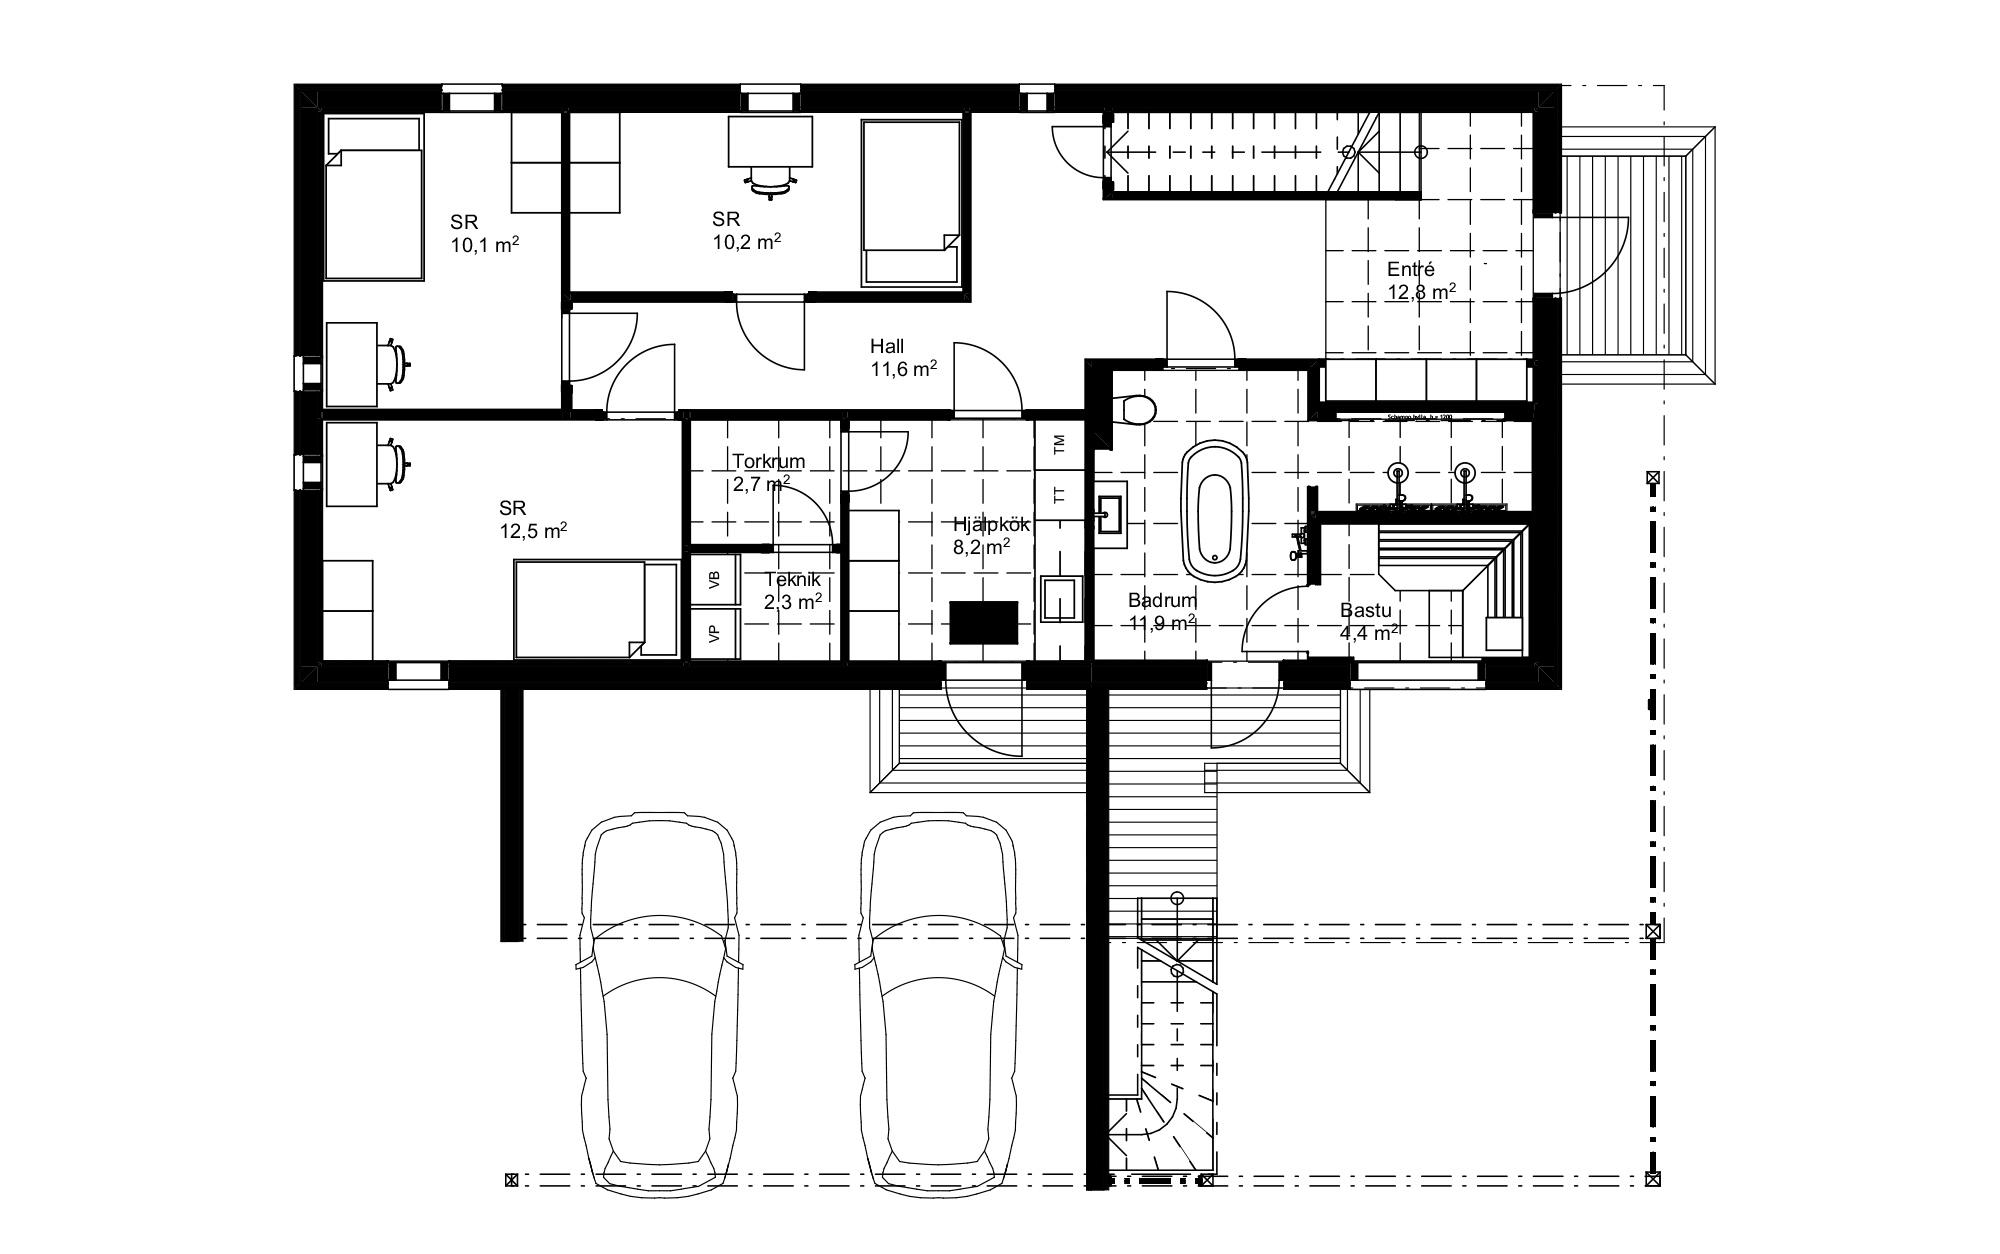 nylund-ny-floor-1